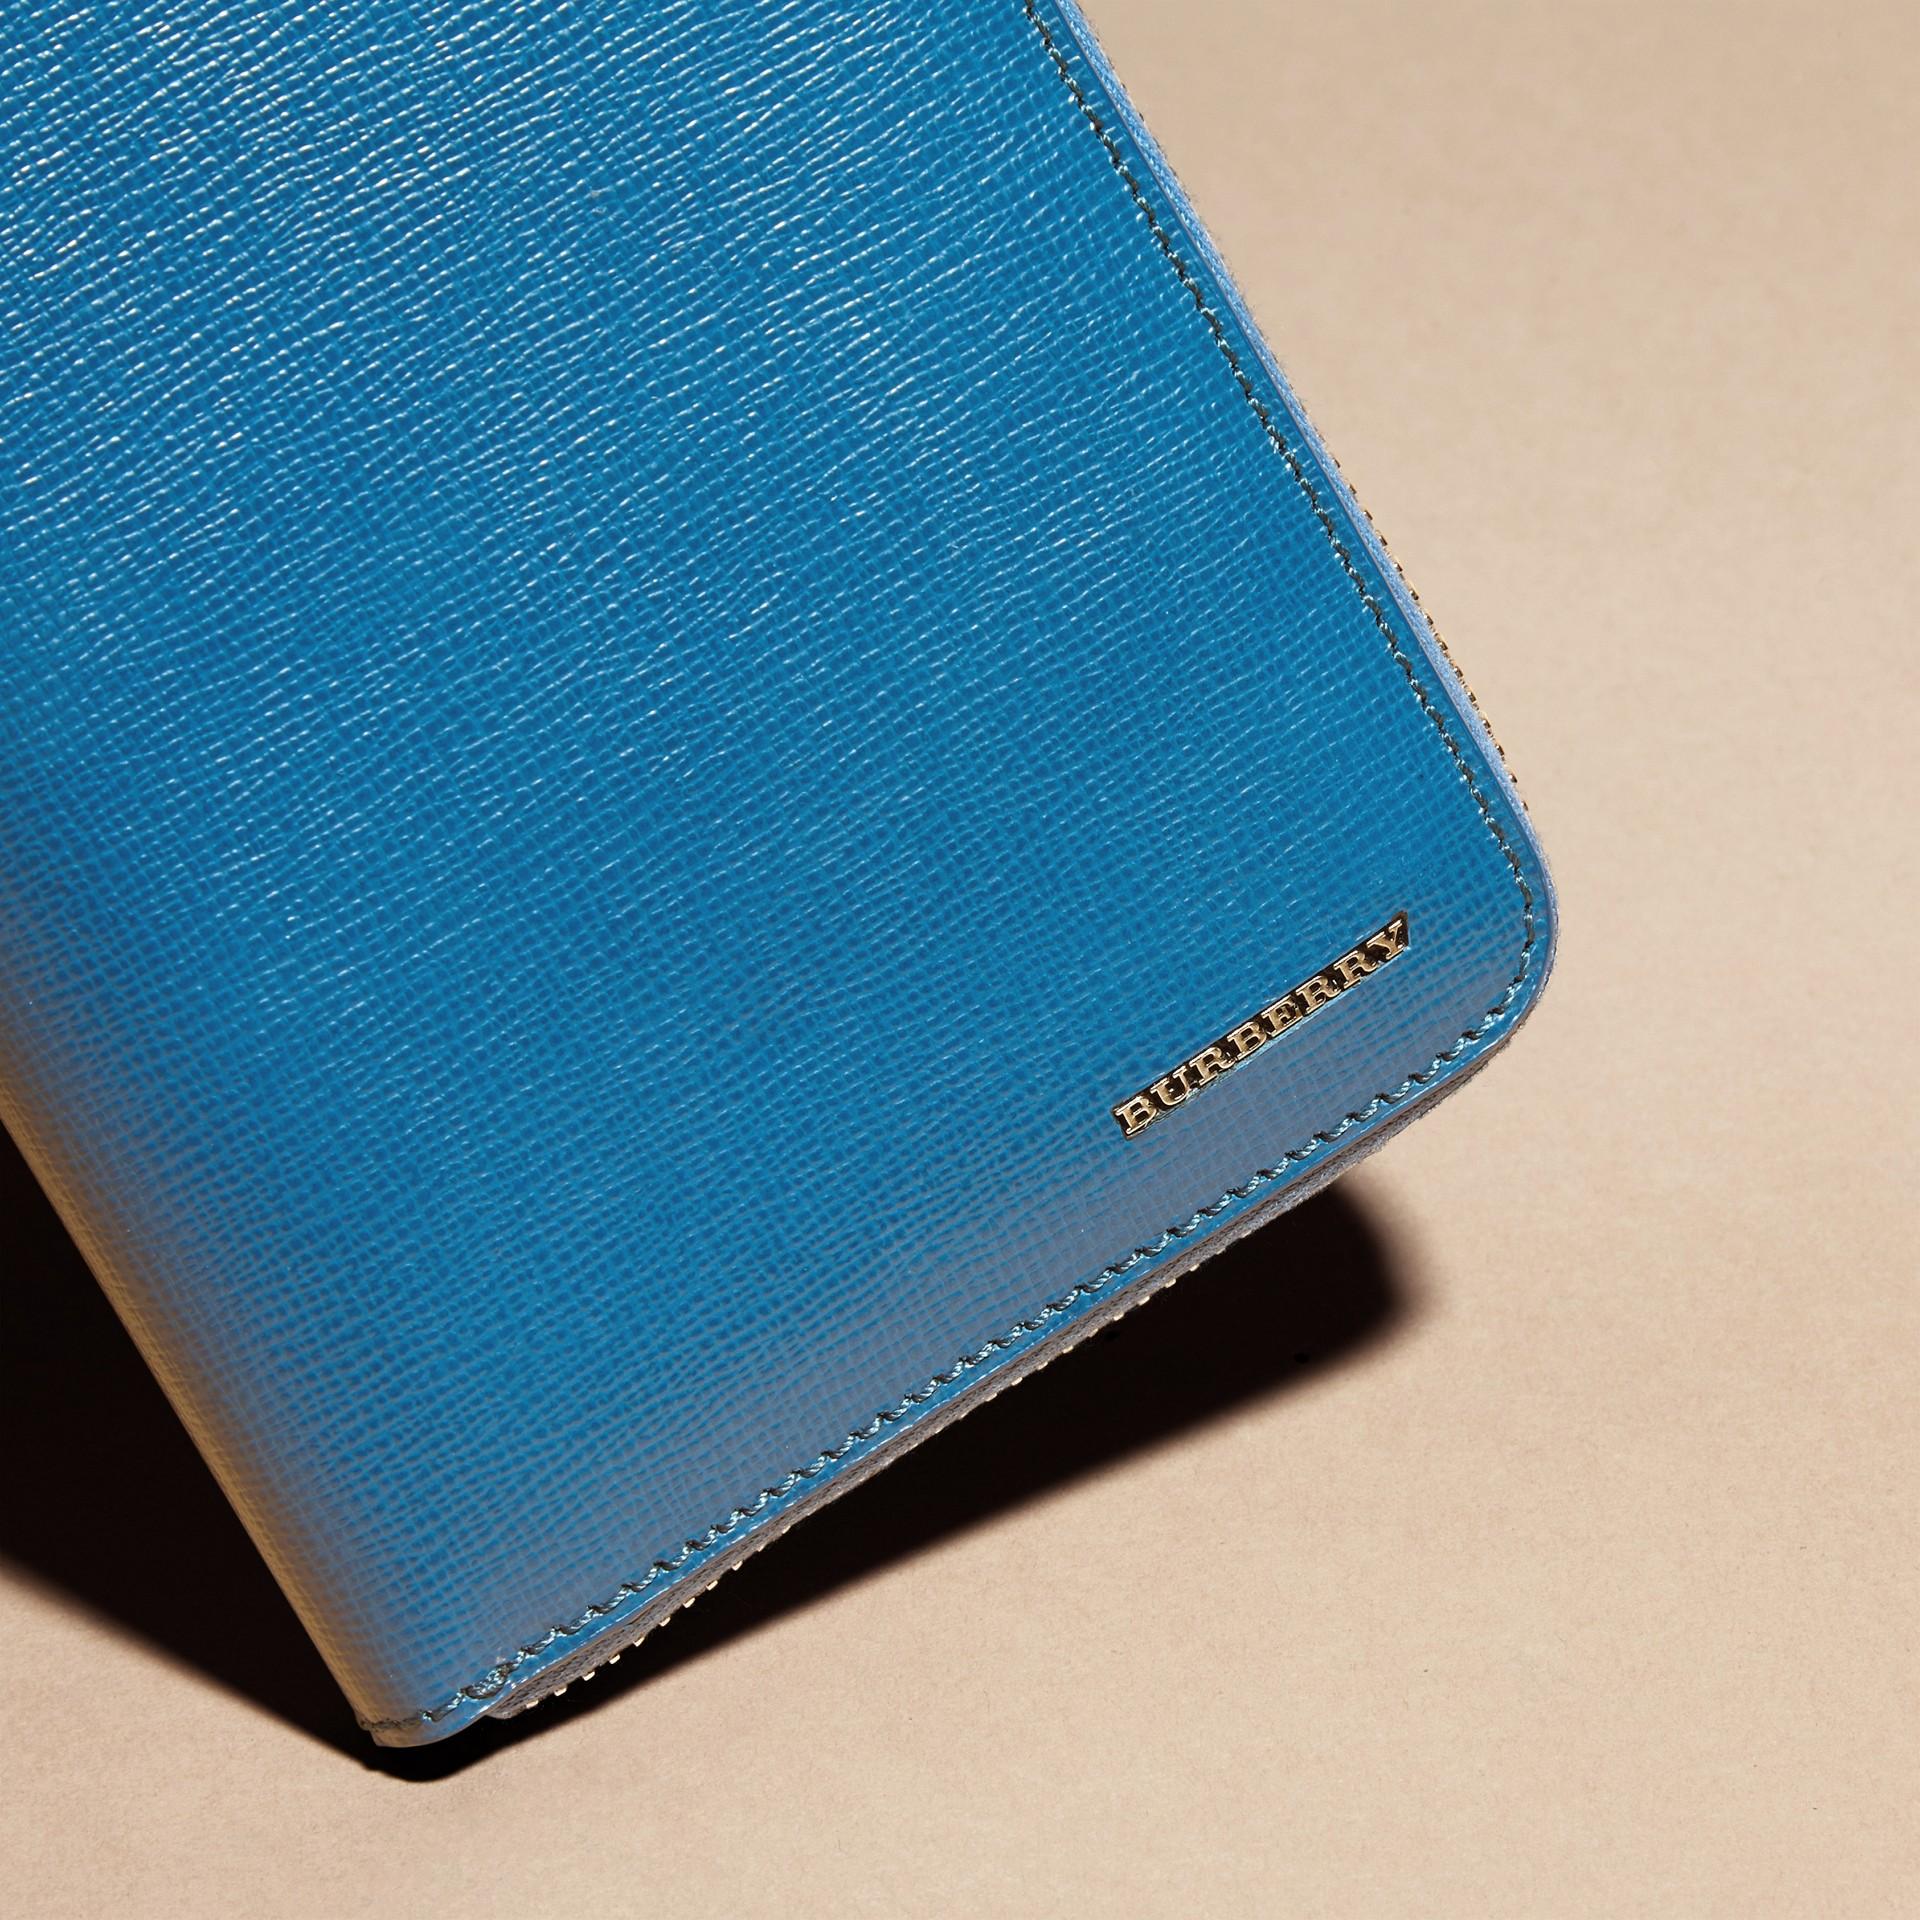 Bleu minéral Portefeuille zippé en cuir London - photo de la galerie 2